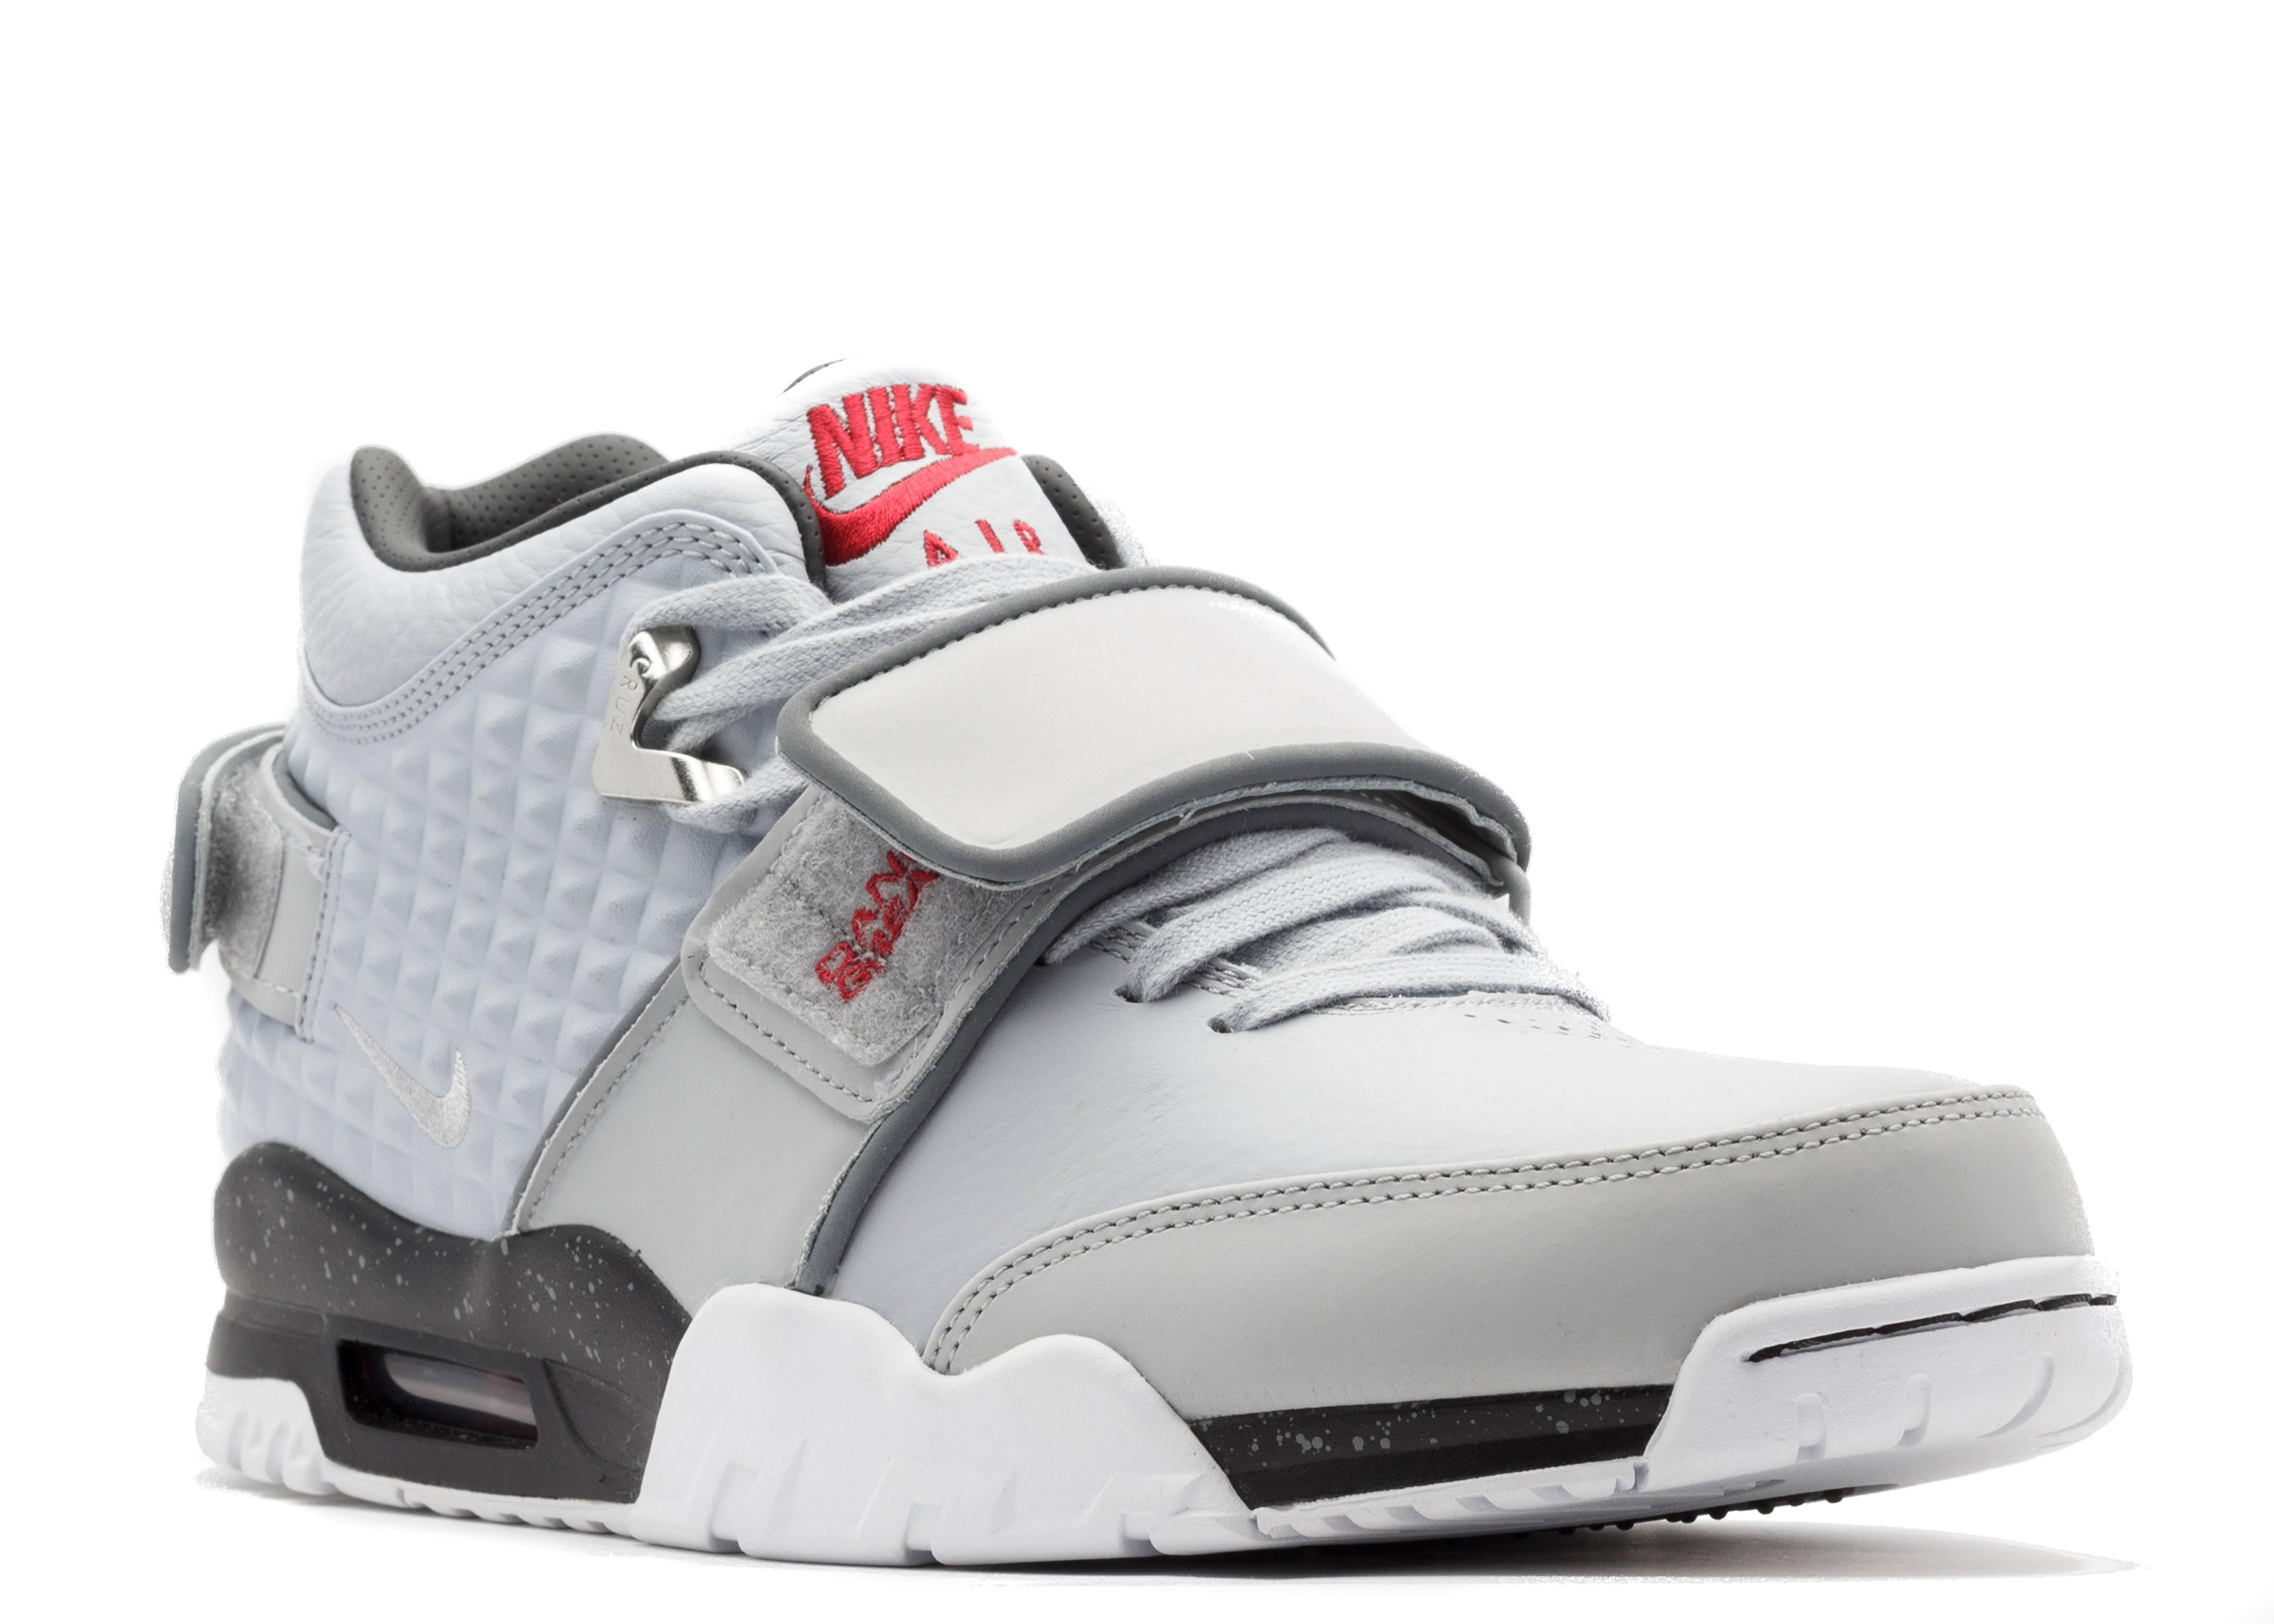 764b776aa202 shop adrienne bailon rocking air jordan retro 9 cool grey sneakers 6889b  ac165  coupon air tr. v. cruz wolf grey nike 777535 001 wlf gry mtllc slvr